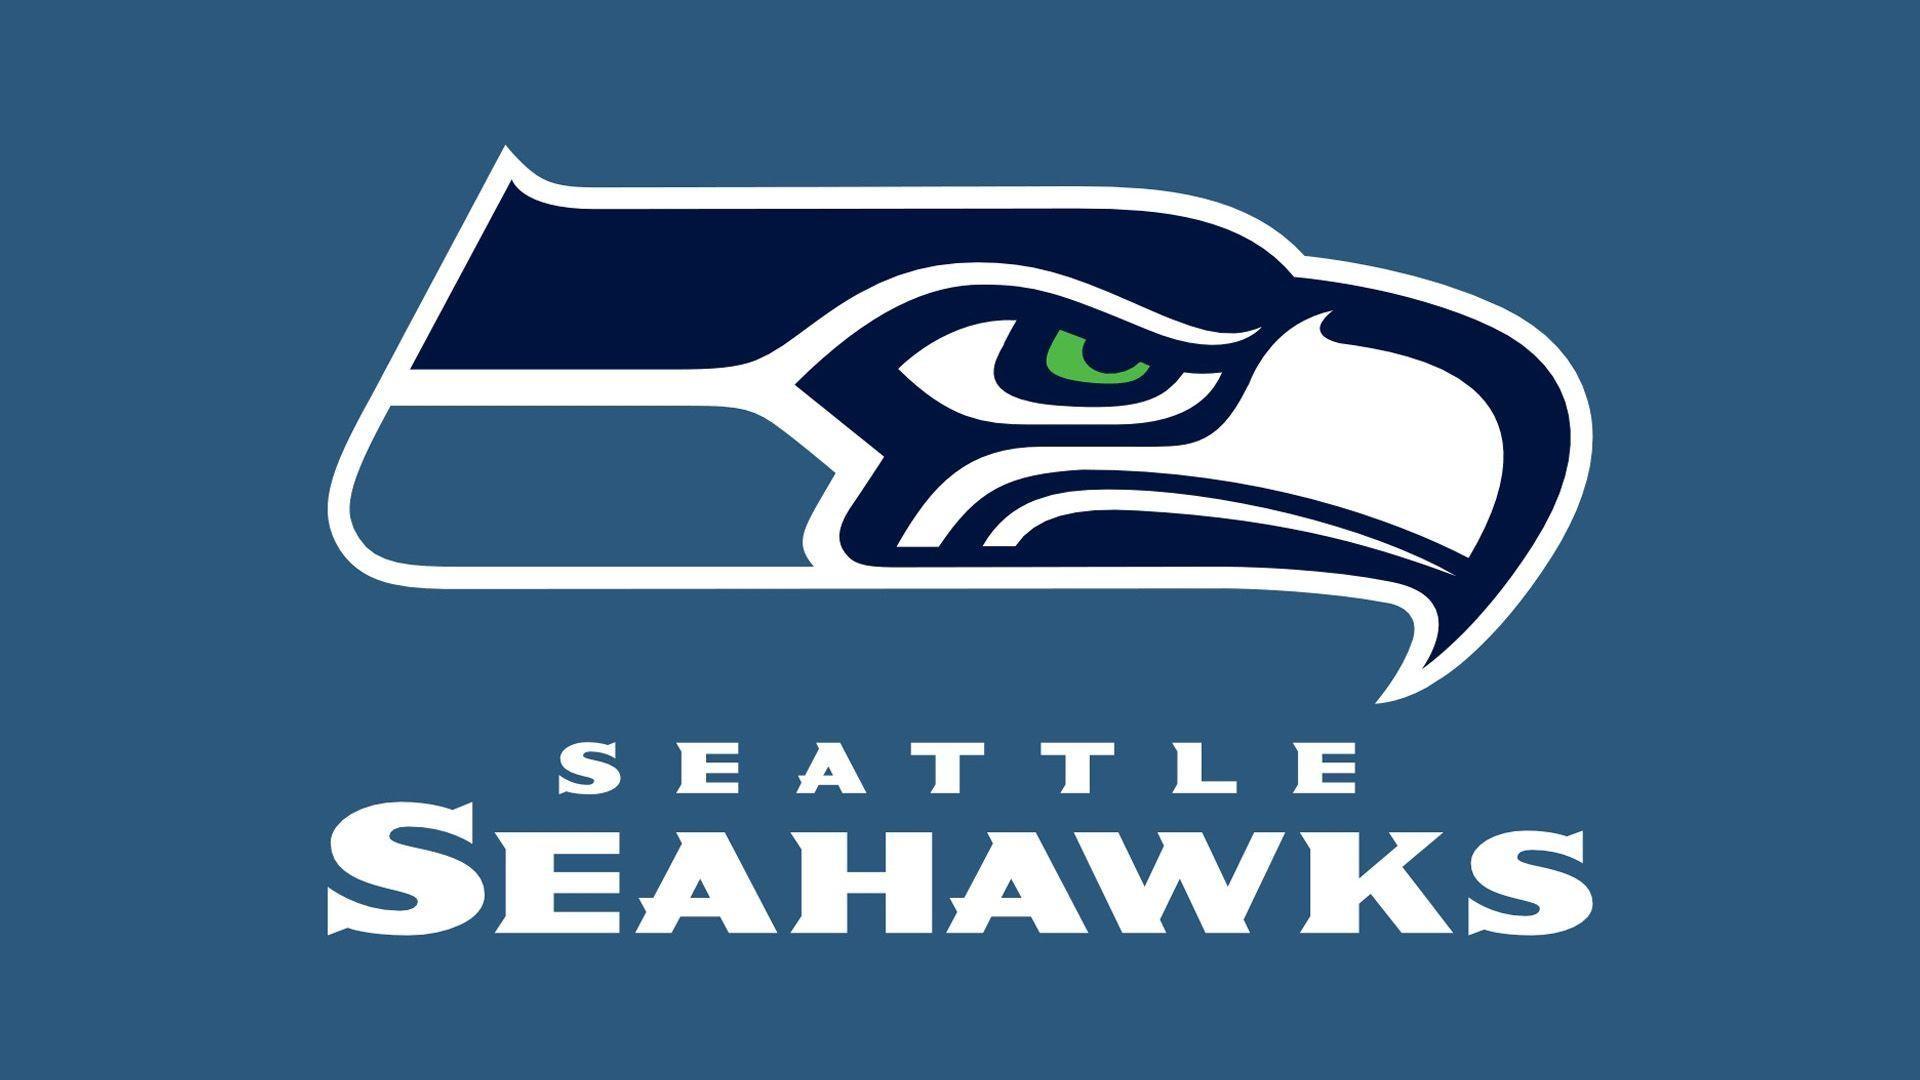 NFL Team Seattle Seahawks Wallpaper 63511 #12398 Wallpaper   Cool .